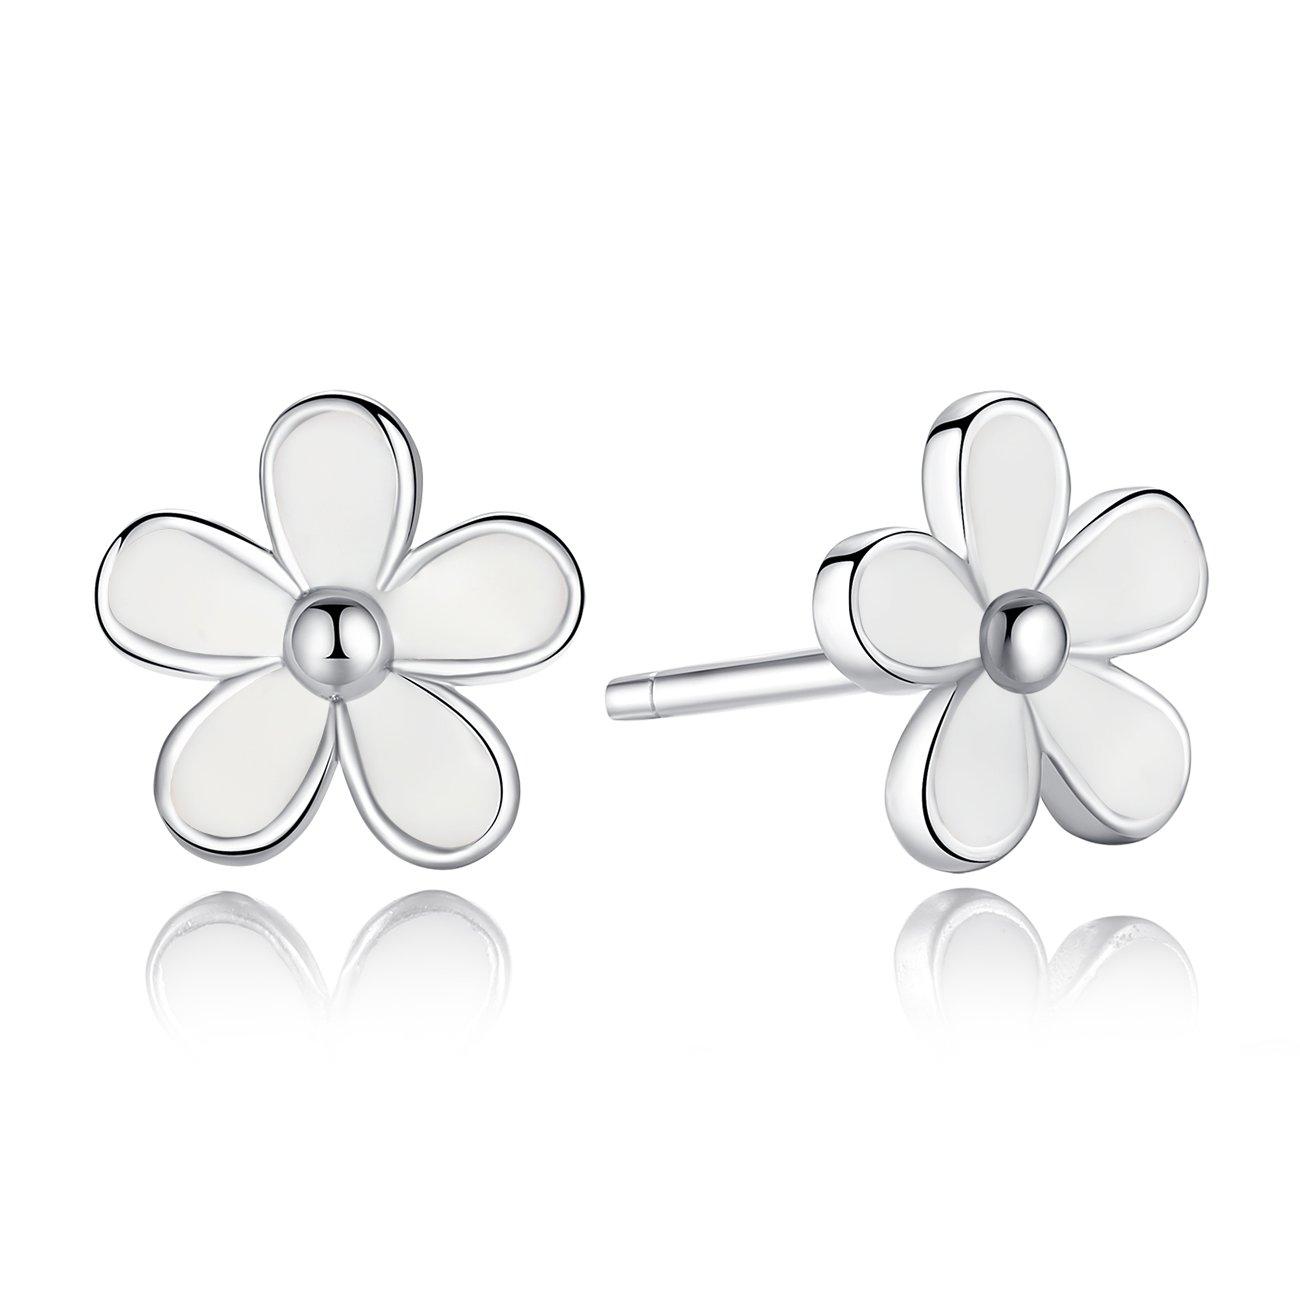 BAMOER 925 Sterling Silver Darling Daisy Hawaiian Flowers Stud Earrings with White Enamel Shiny CZ